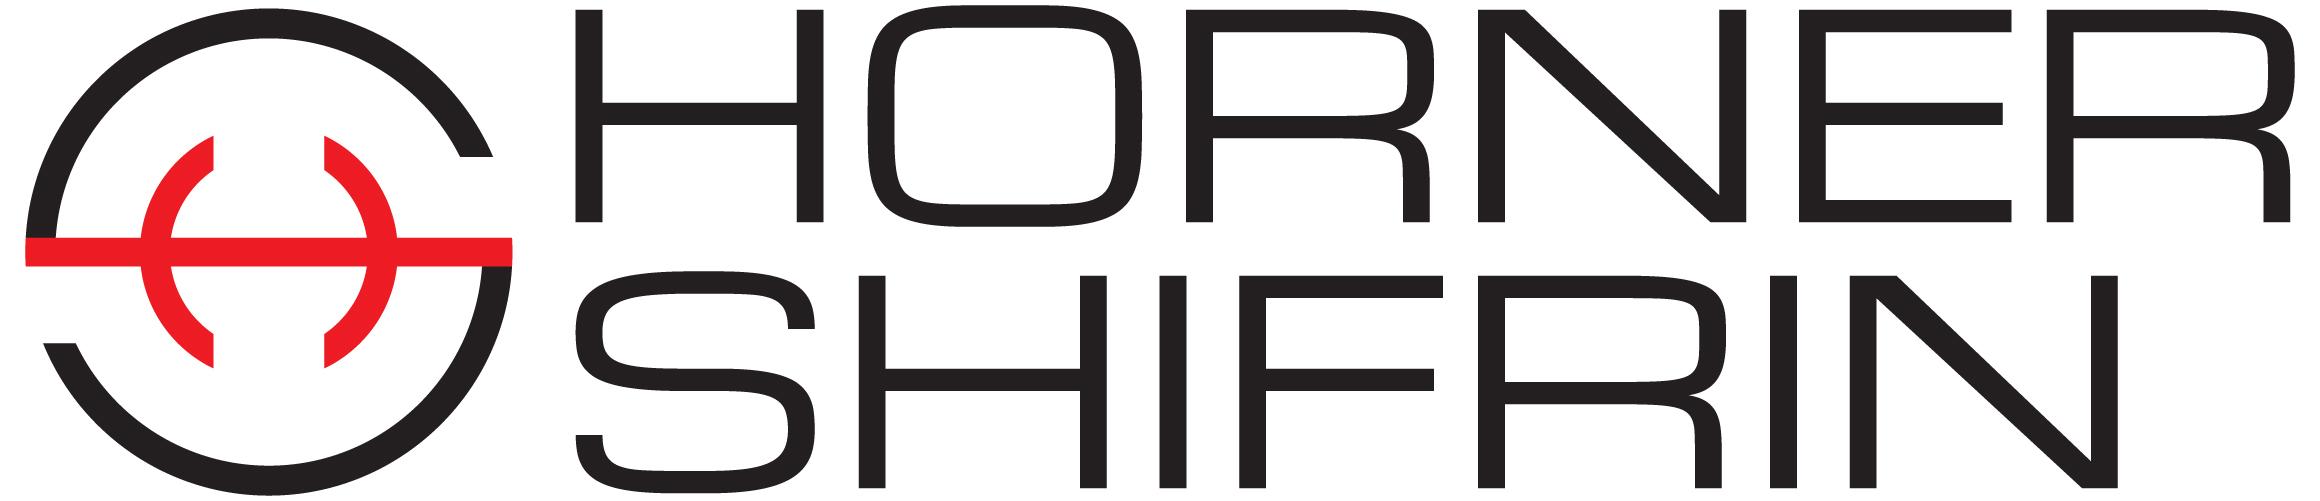 Horner Shrifin Logo Stacked Black